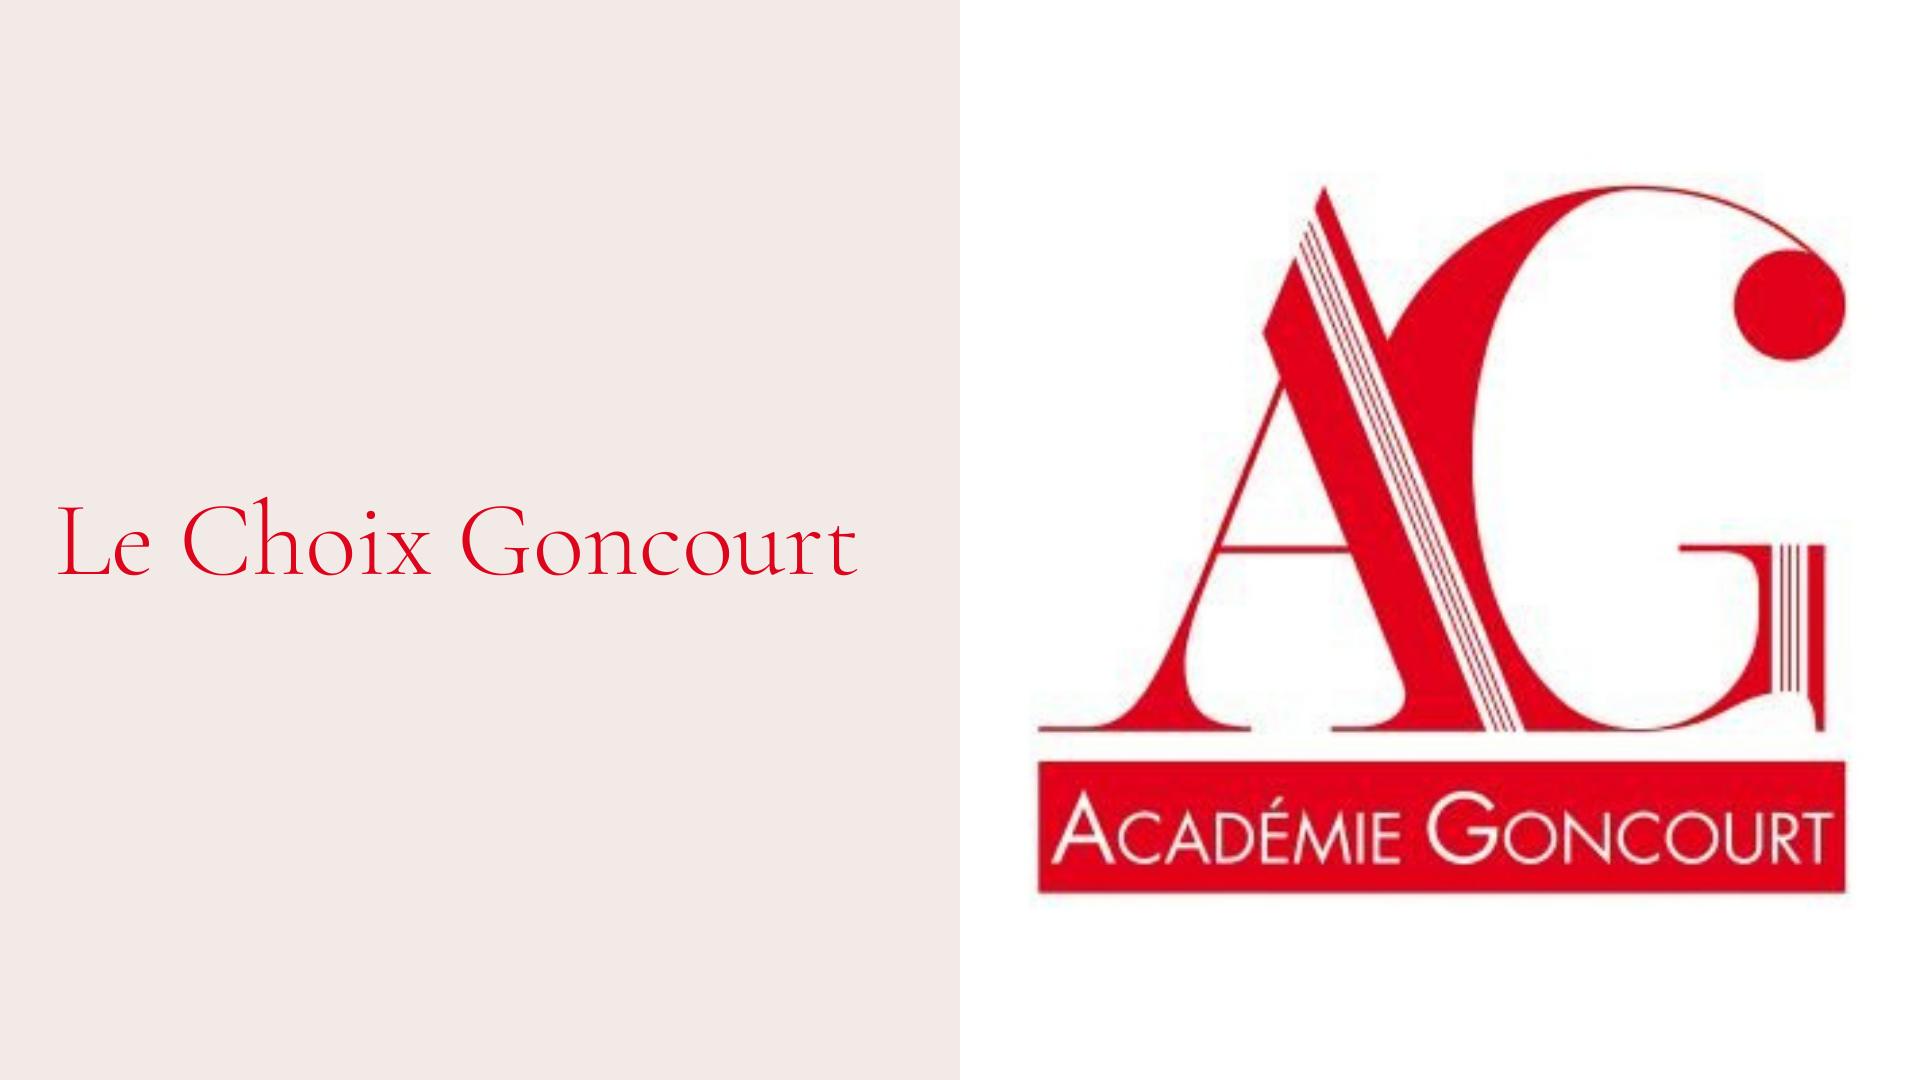 Le Choix Goncourt